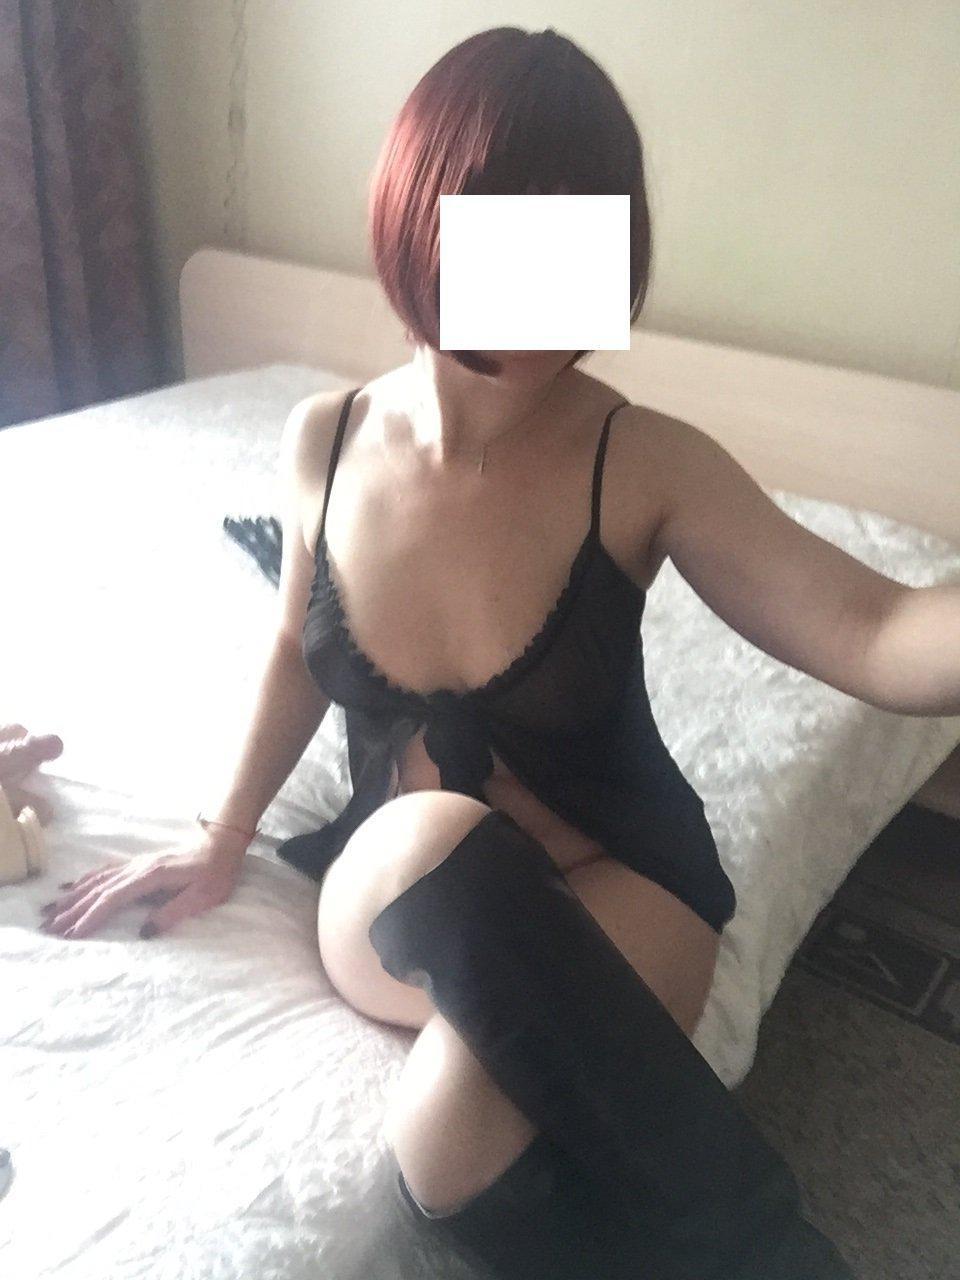 Проститутка Даша Маша, 21 год, метро Верхние Лихоборы